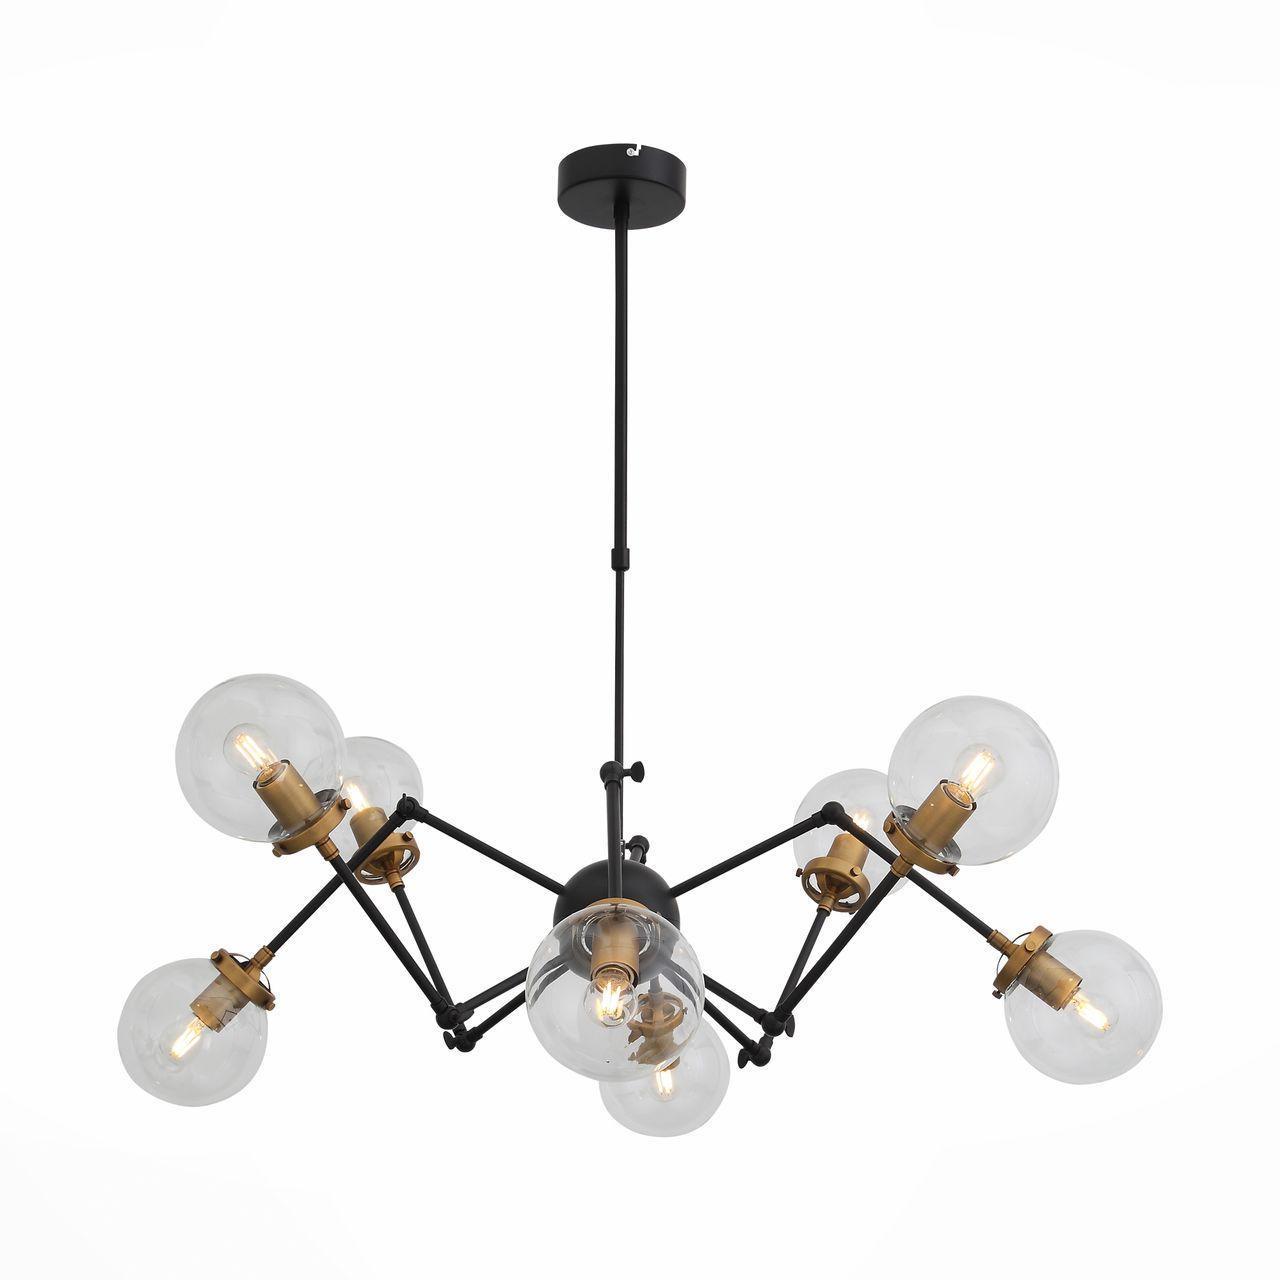 Потолочный светильник ST Luce SL234.402.08, черный подвесной светильник st luce varieta sl234 403 01